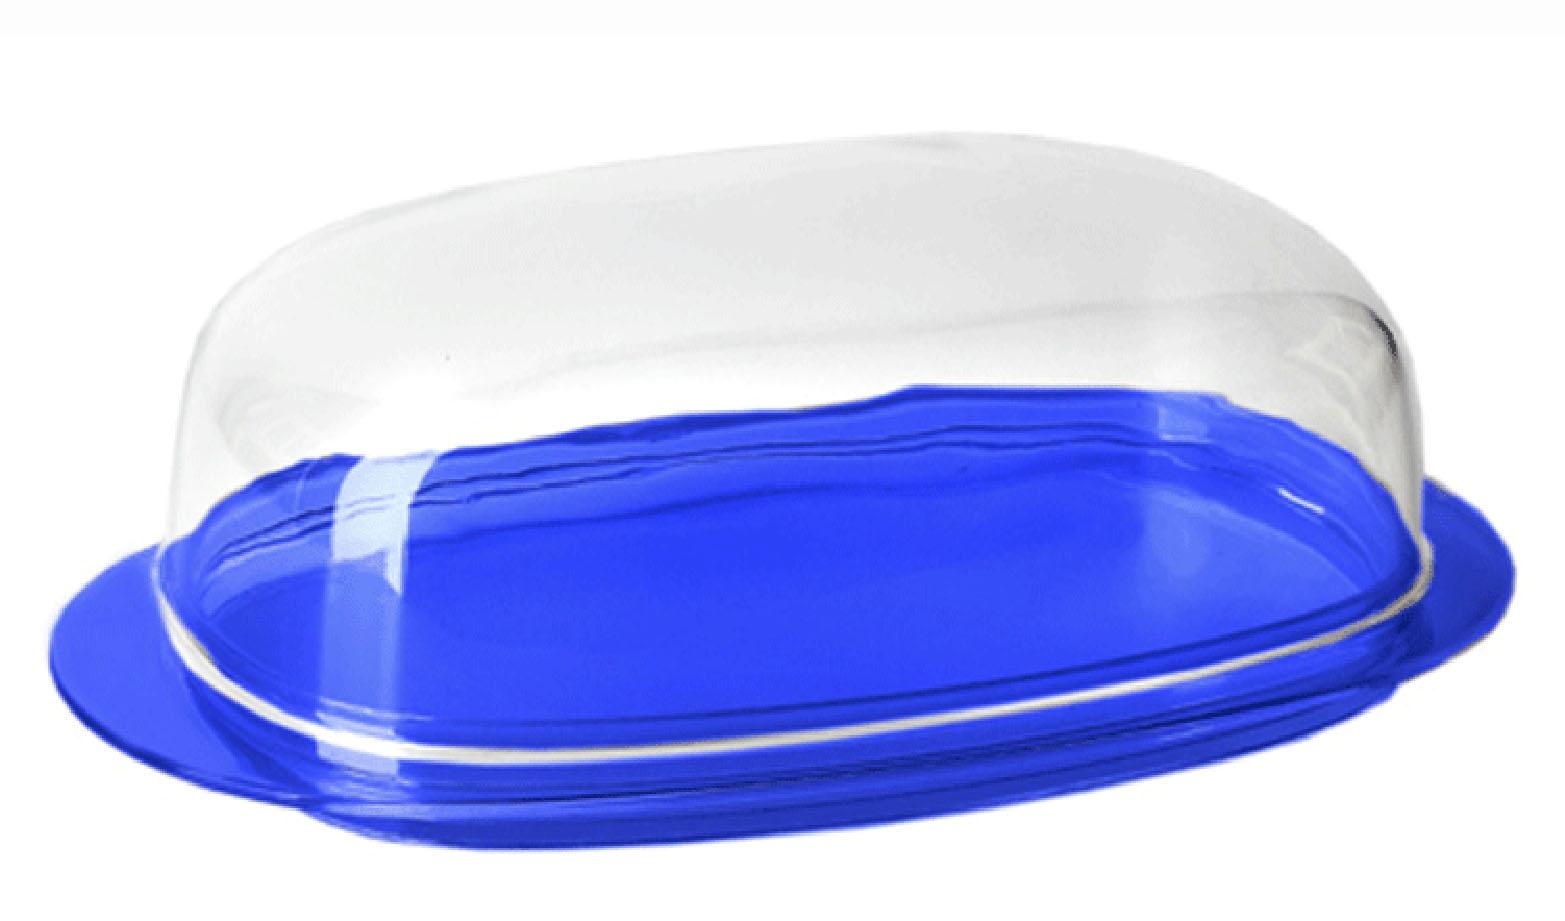 Масленка Idea Кристалл, цвет: синий, прозрачныйМ 1126Масленка Idea Кристалл изготовлена из пищевого пластика. Изделие состоит из подноса и прозрачной крышки. Крышка плотно закрывается, сохраняя масло вкусным и свежим. Масленка Idea Кристалл станет прекрасным дополнением к коллекции ваших кухонных аксессуаров. Размер подноса: 19 х 10,5 х 1,5 см. Размер крышки: 16 х 9,5 х 5 см.